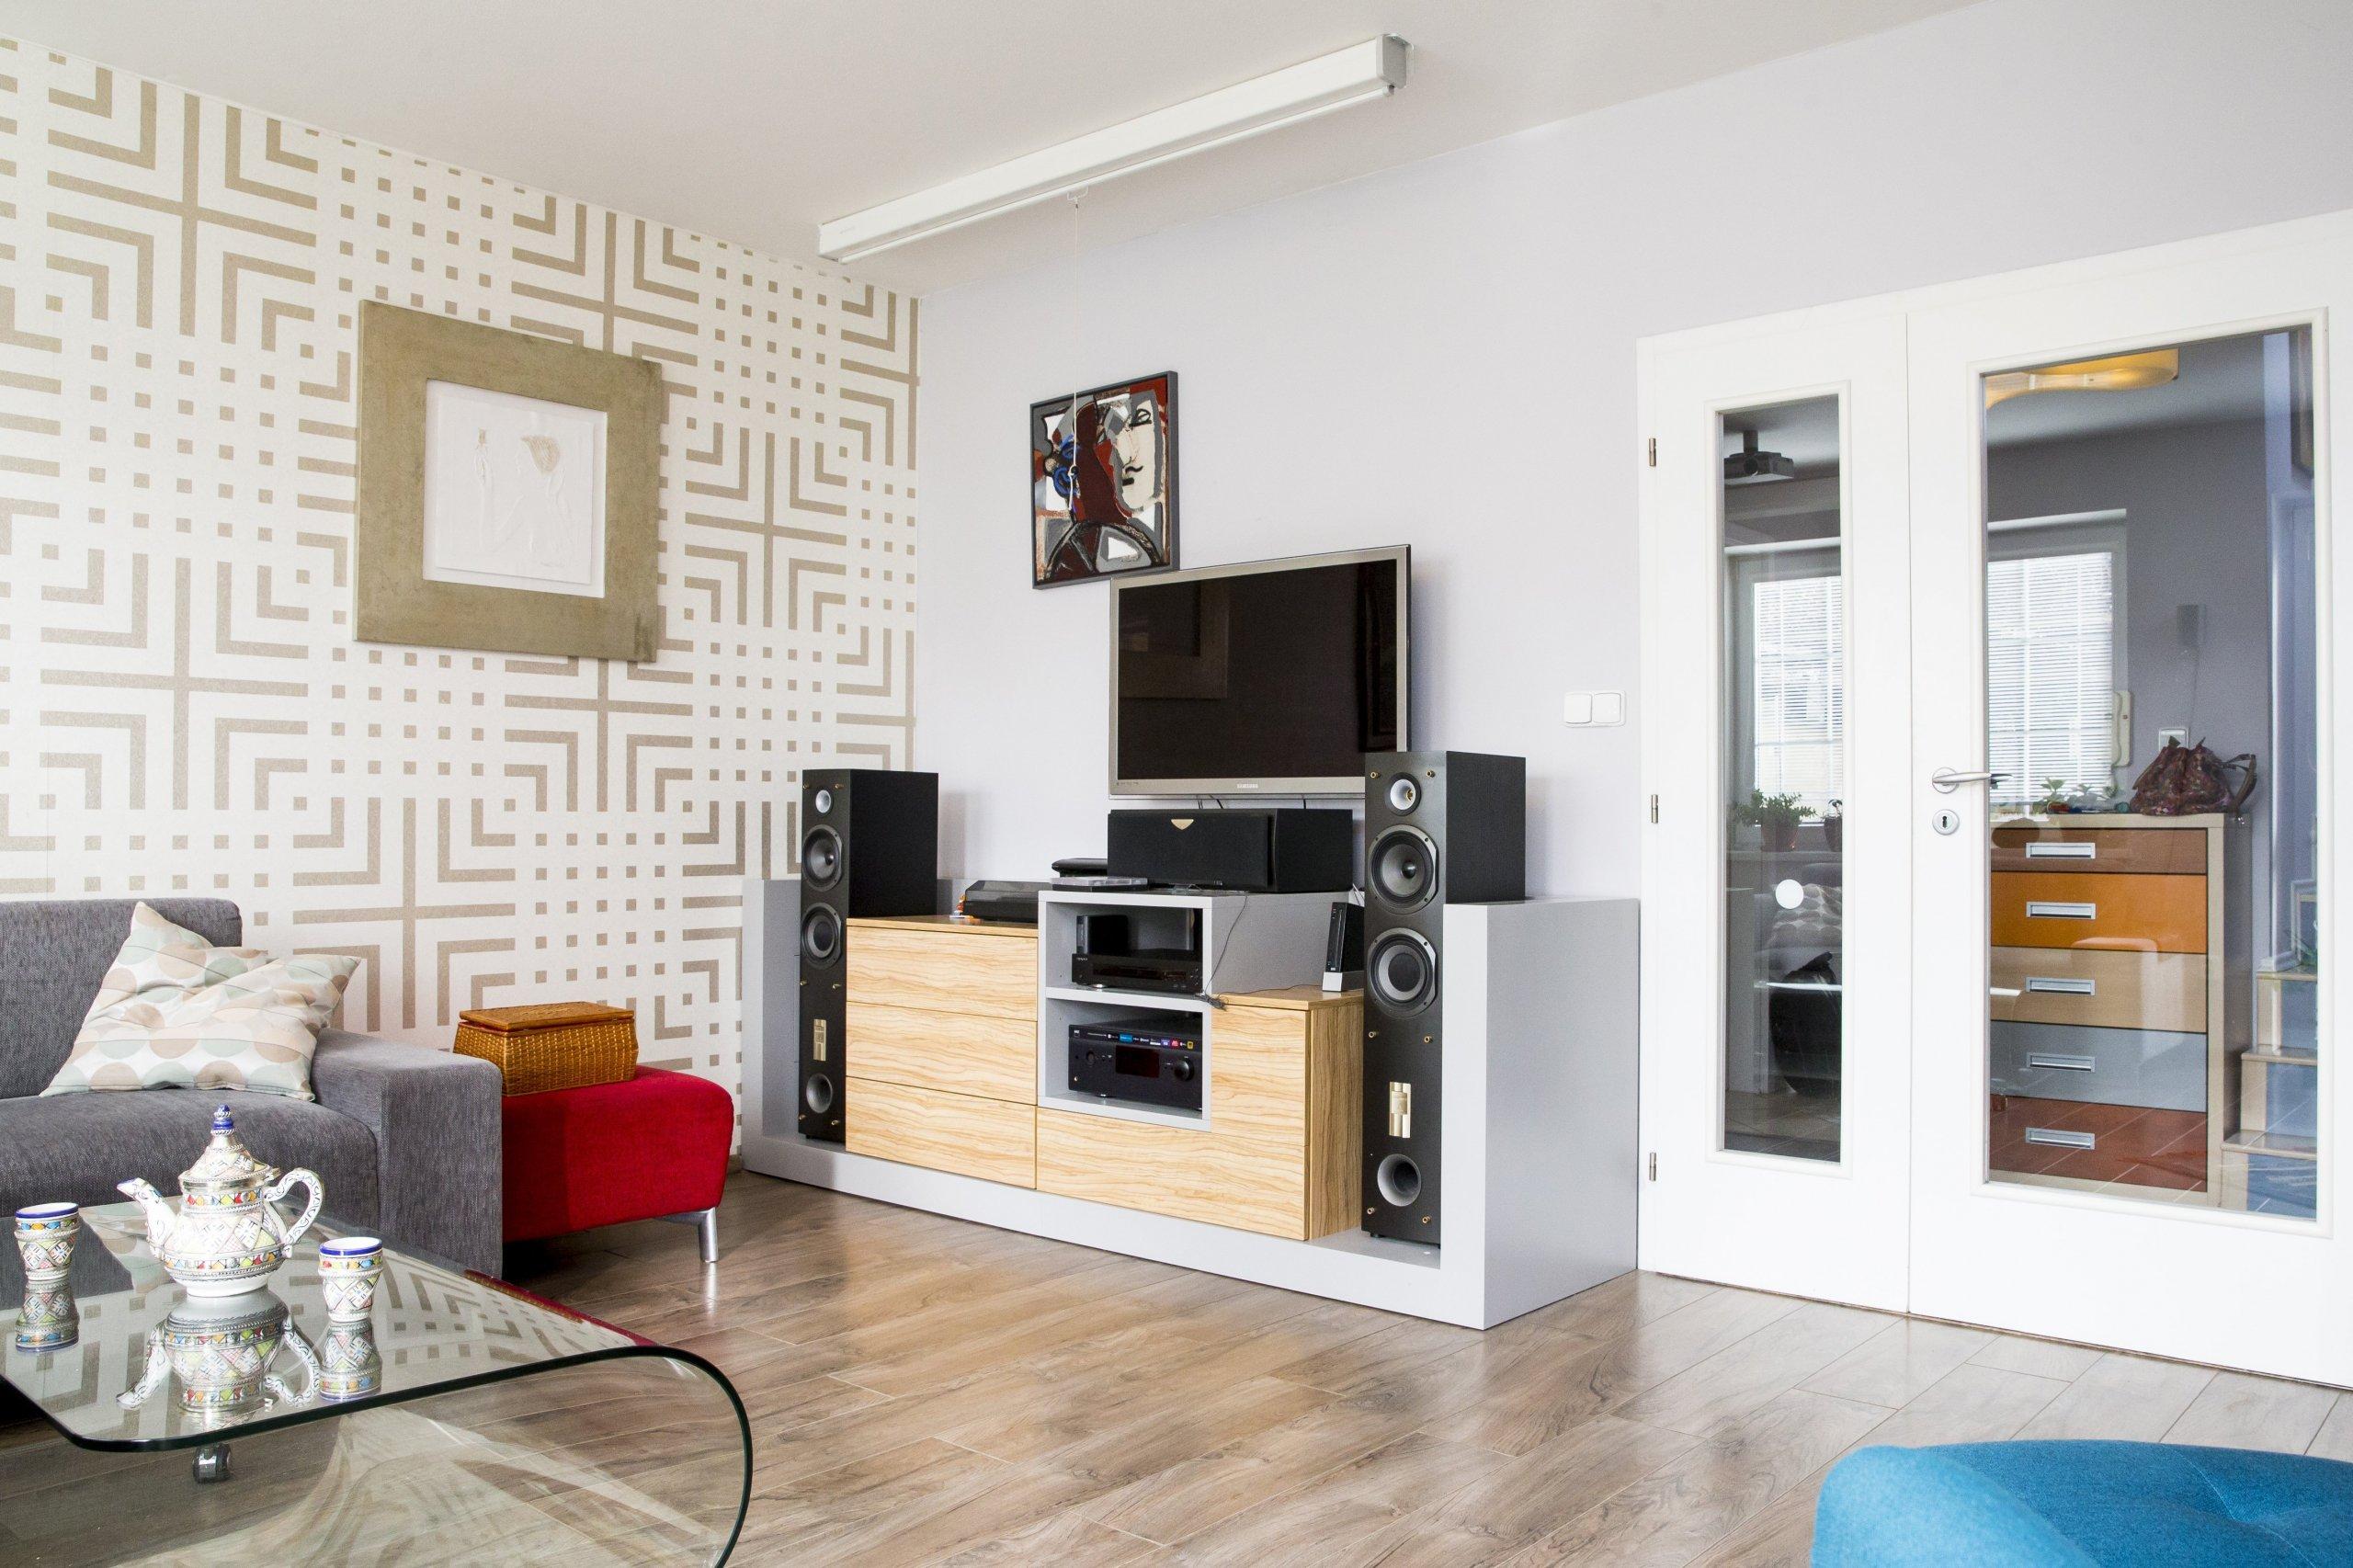 Mé klienty často zajímá, jak architektka žije a jak to u ní doma vypadá. Proto jsem se rozhodla zveřejnit fotografie svého bydlení a připsat knim pár…